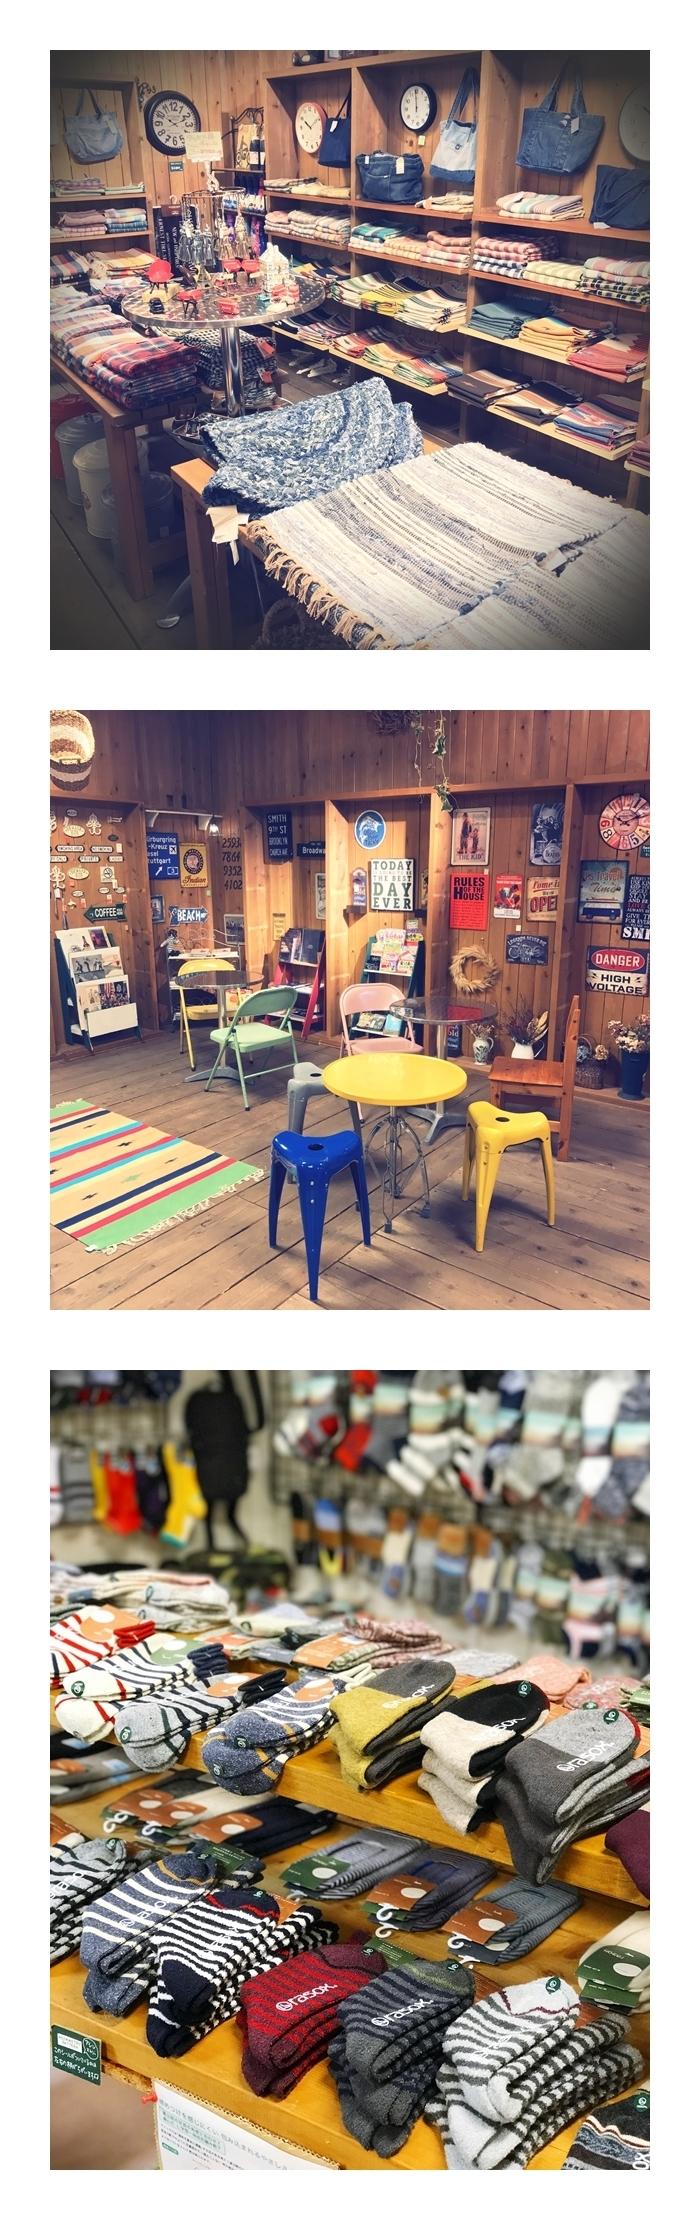 2017-02-09 ラインフェア 店内画像 (21)-vert